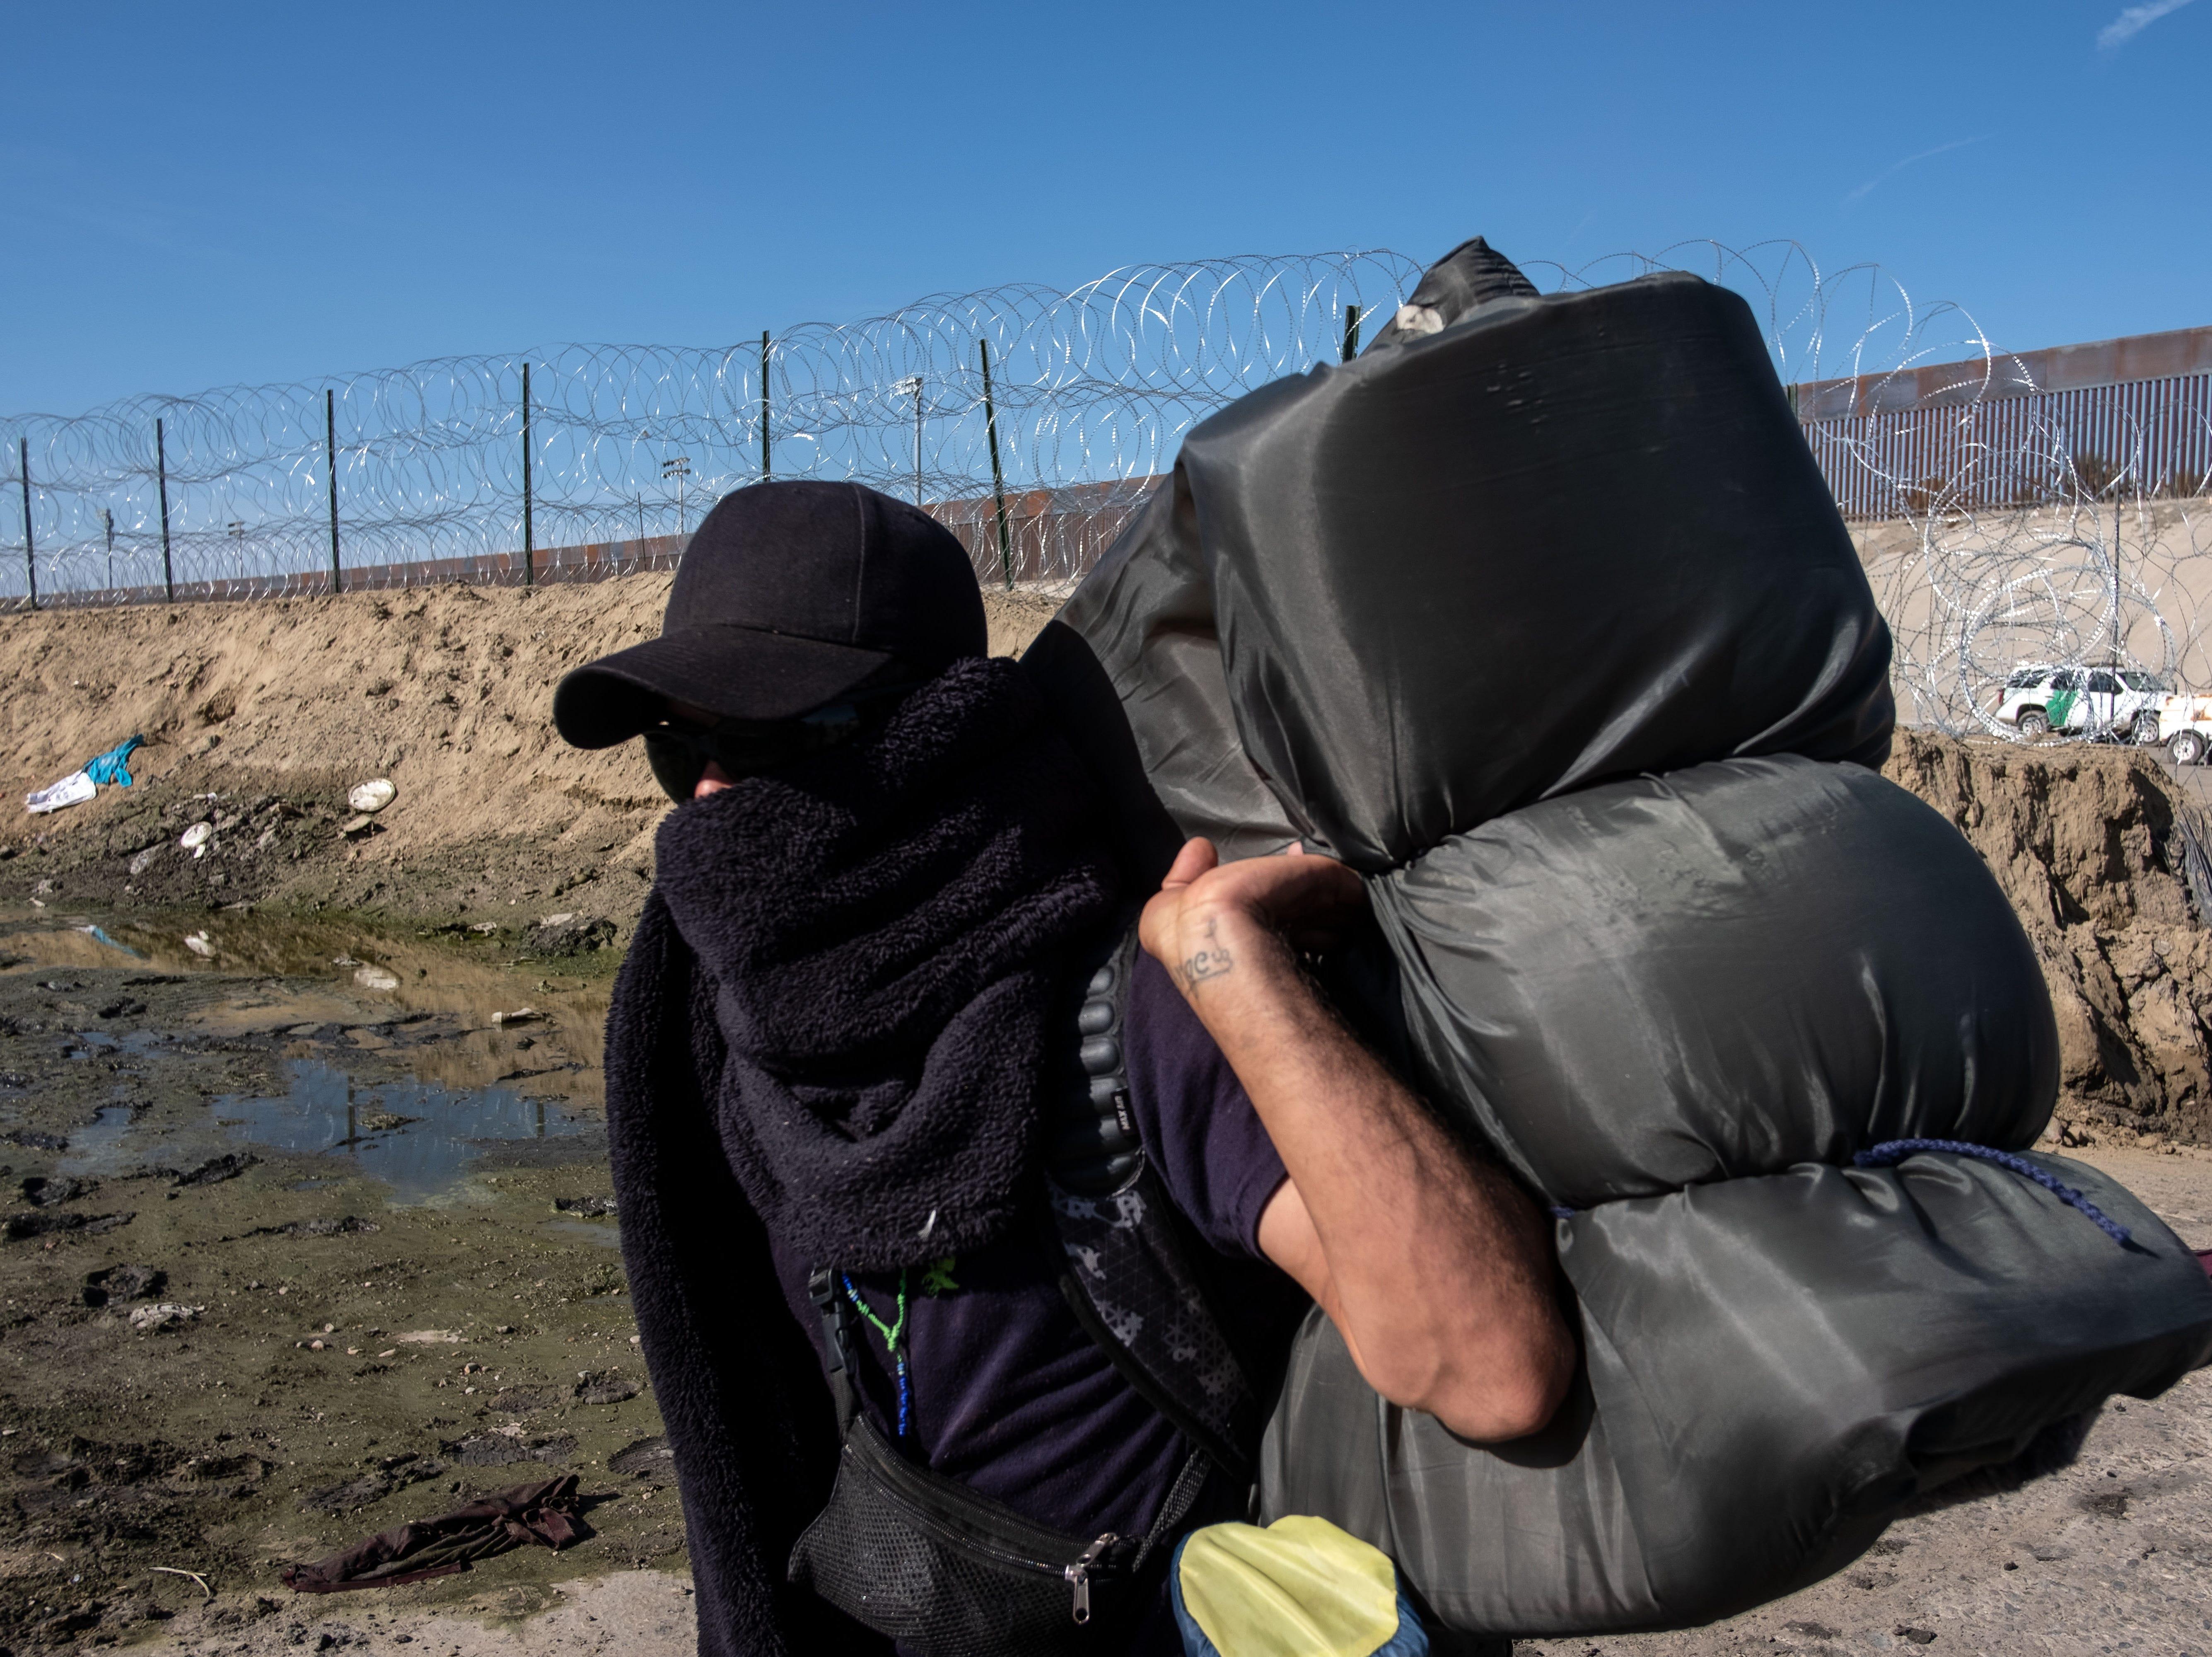 Un hombre que viaja con una caravana de migrantes centroamericanos, principalmente de Honduras, con la esperanza de llegar a los Estados Unidos, camina cerca de una barricada establecida por la Patrulla Fronteriza de los EE.UU a lo largo del río Tijuana, cerca del cruce fronterizo de El Chaparral en Tijuana, Baja California. Estado, México, el 25 de noviembre de 2018.